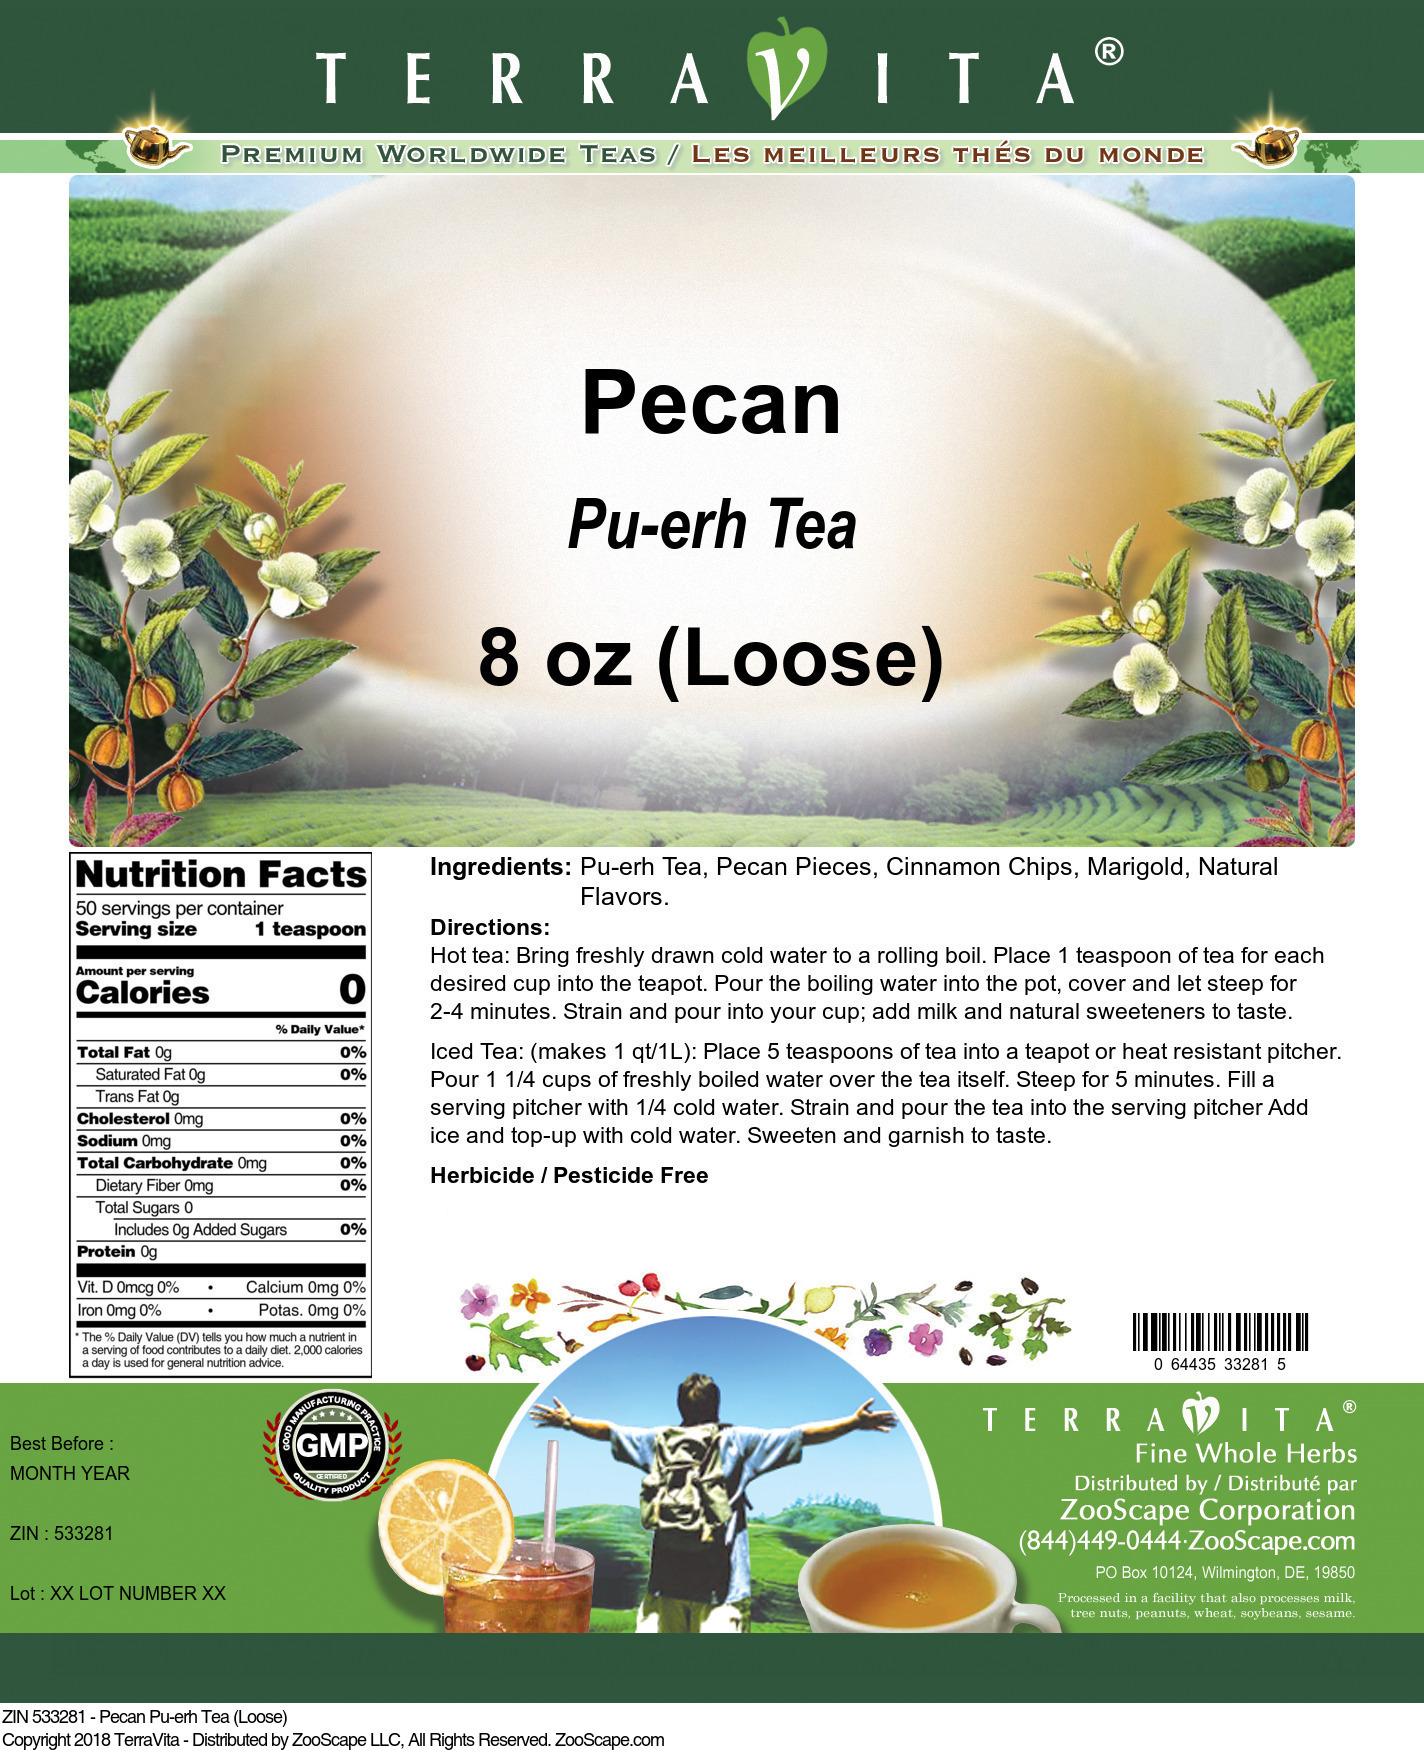 Pecan Pu-erh Tea